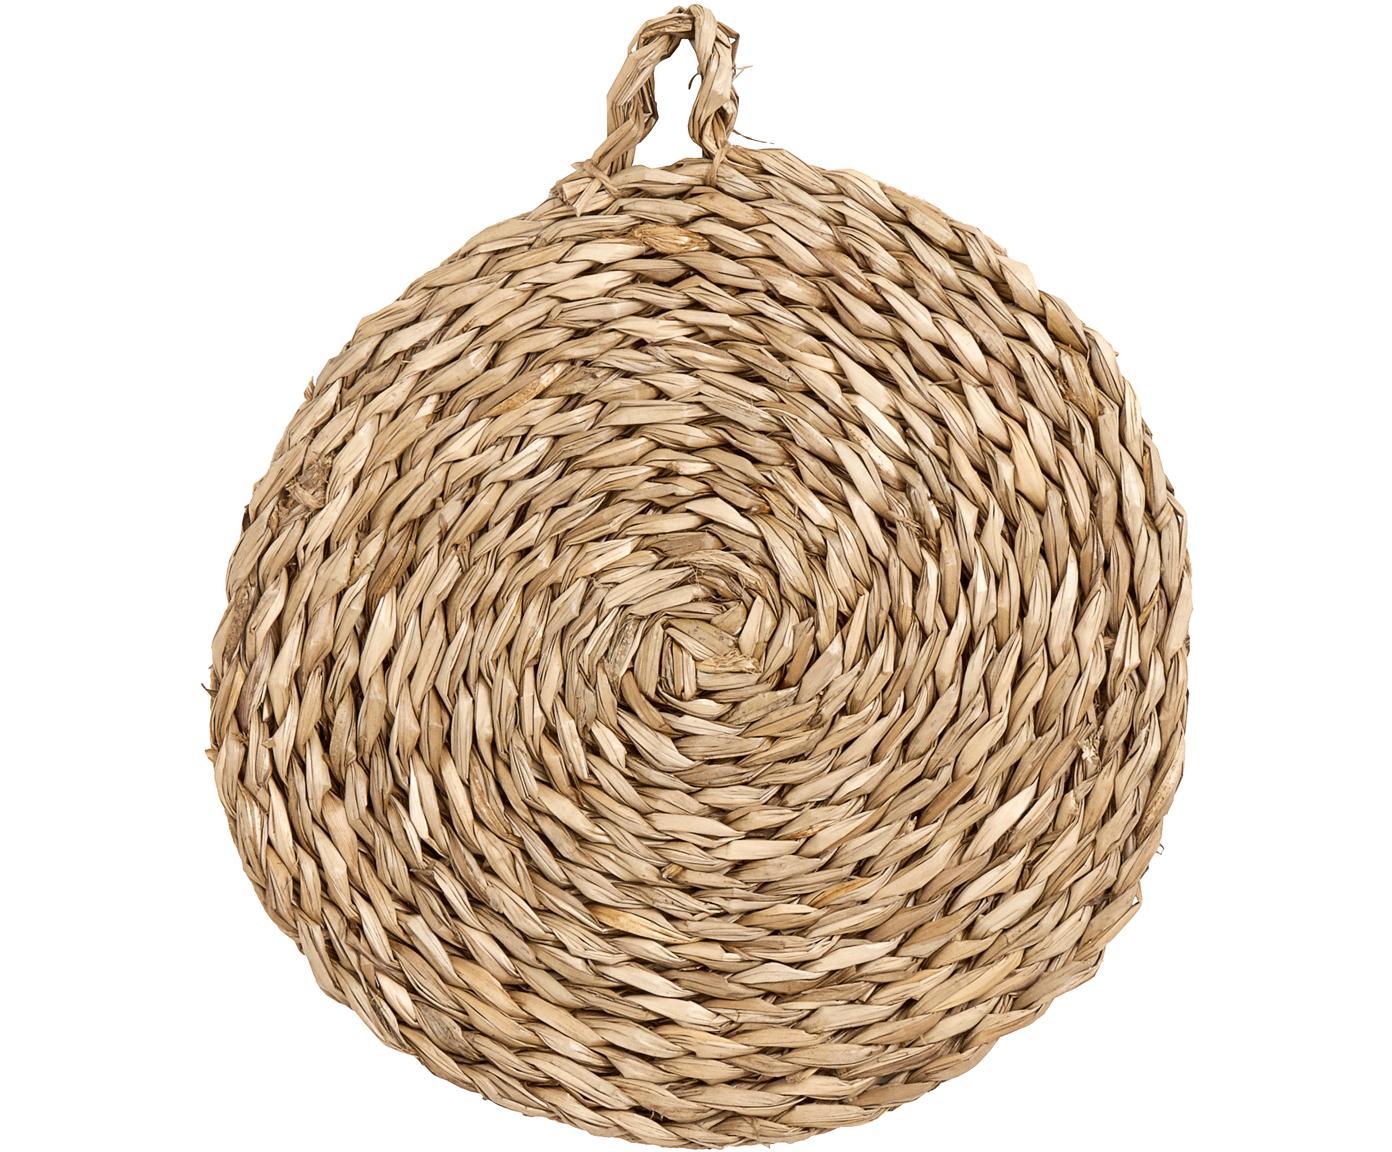 Okrągła podkładka z trawy morskiej Montreal, 2 szt., Trawa morska, Beżowy, Ø 40 cm